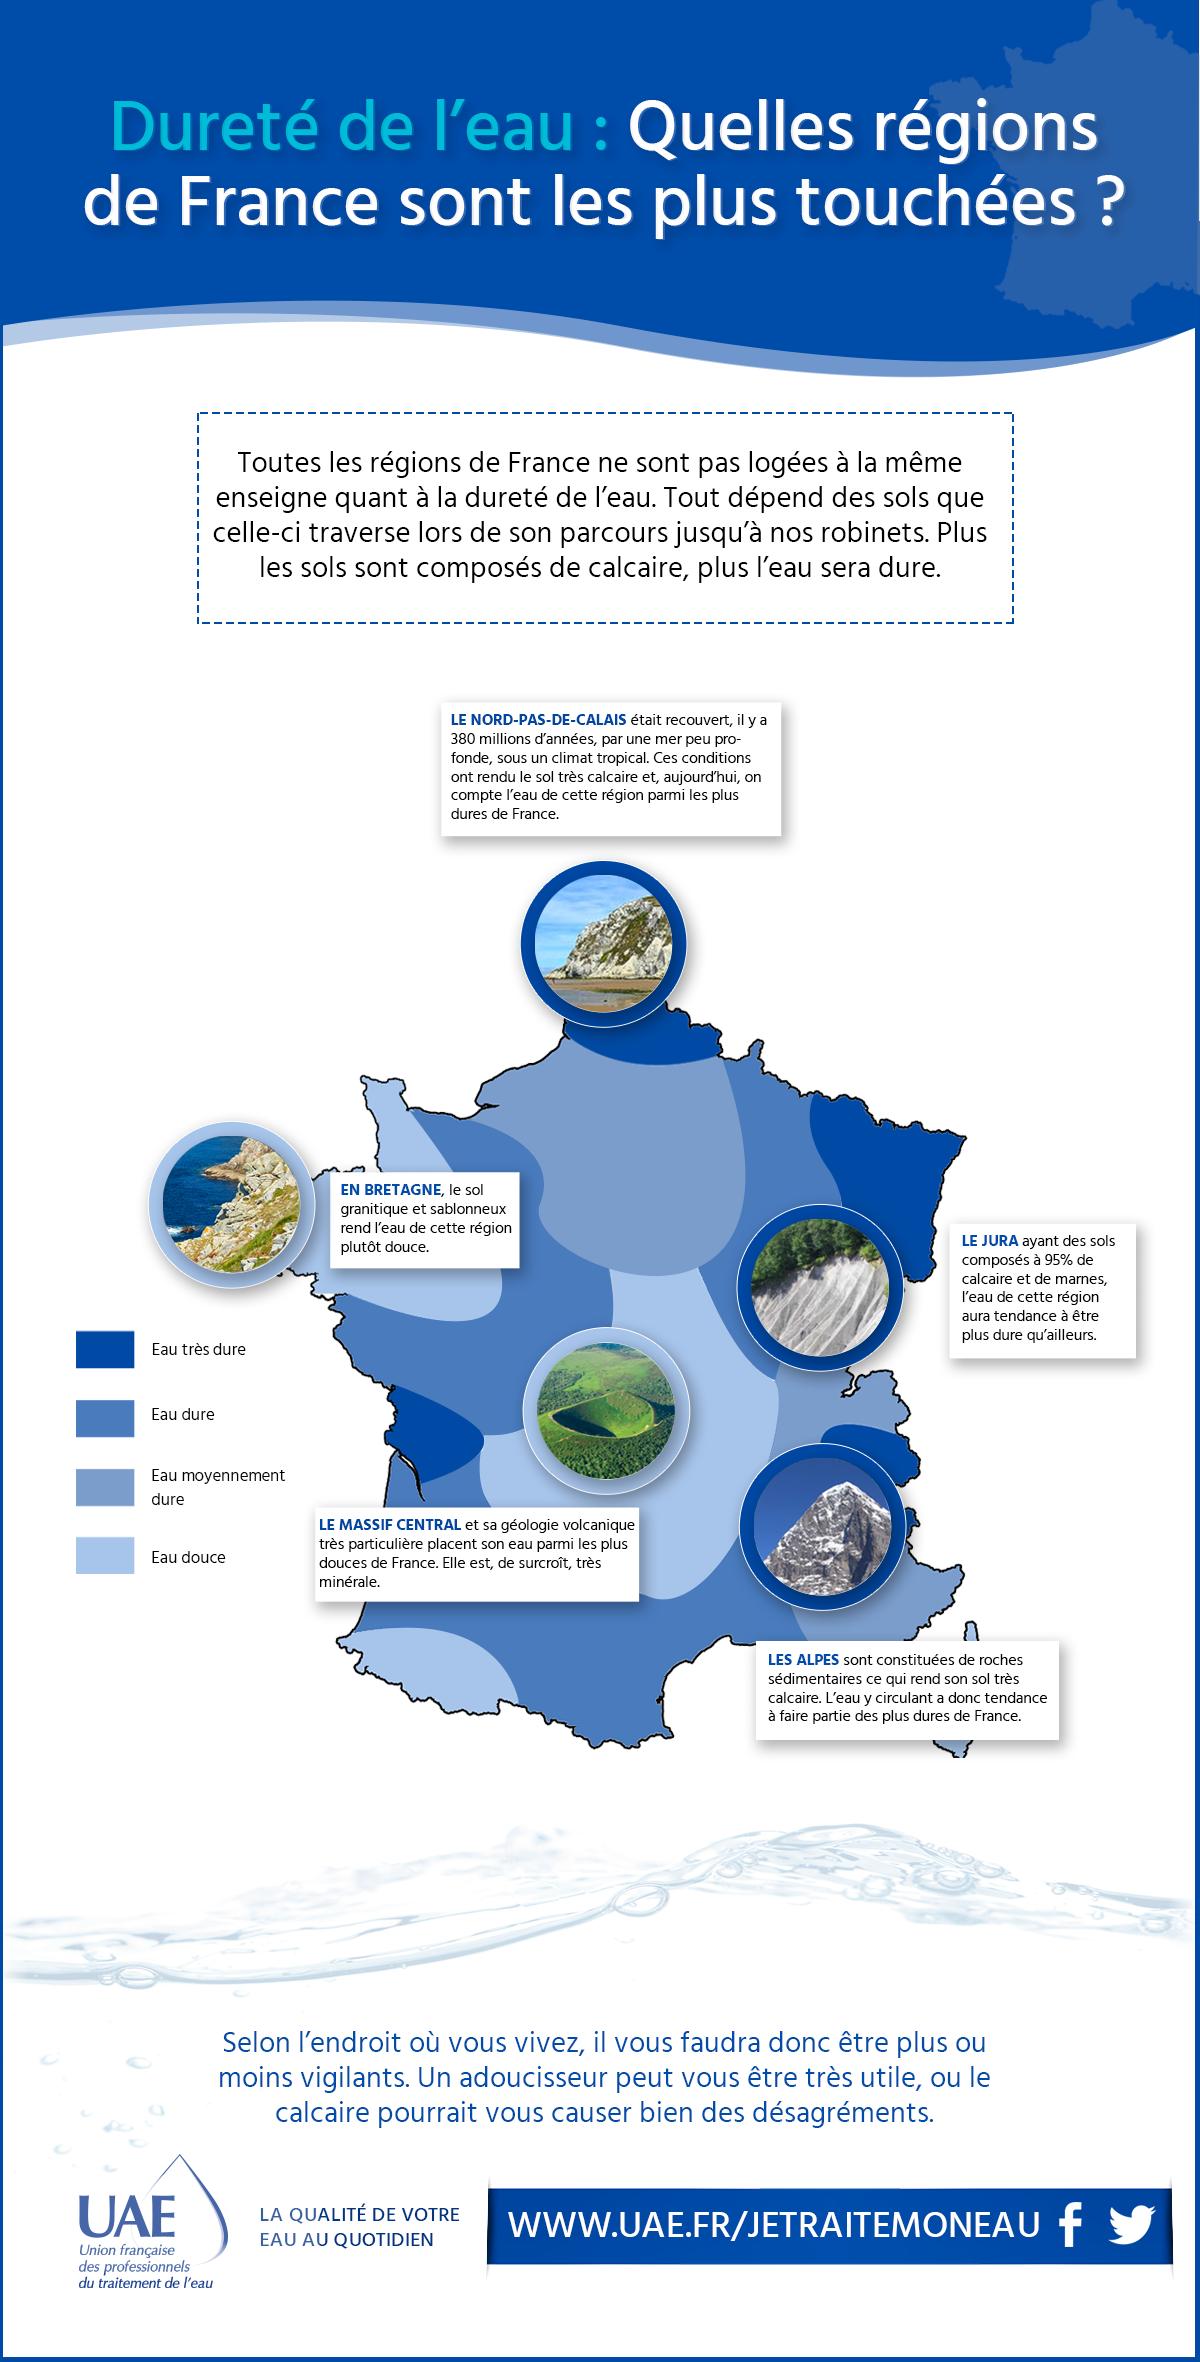 infographie dureté de l'eau régions France